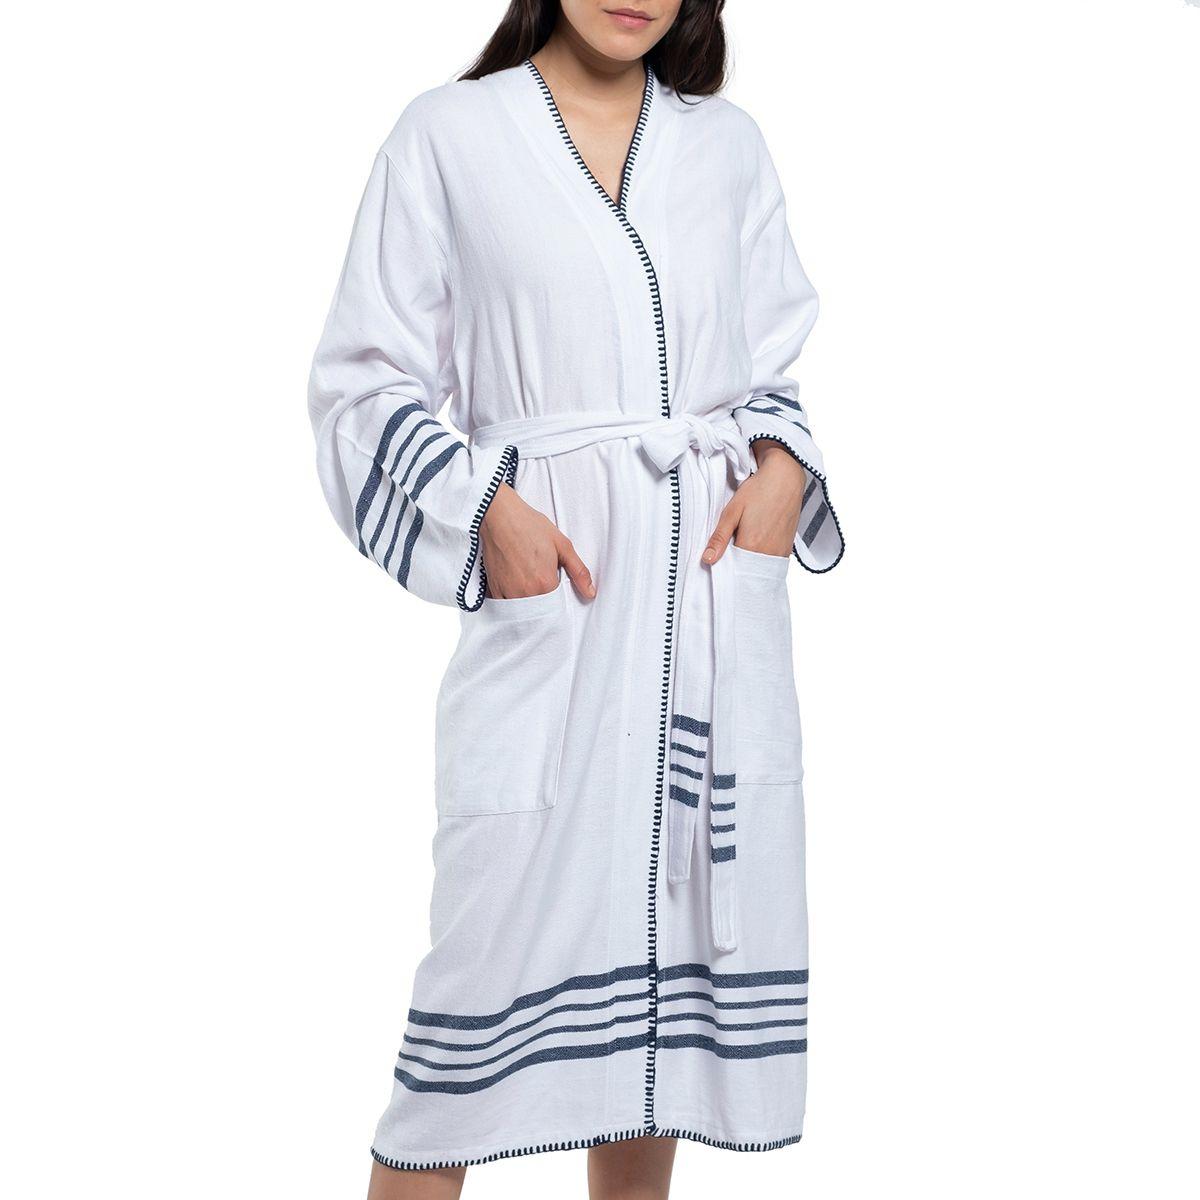 Bathrobe White Sultan - Navy Stripes